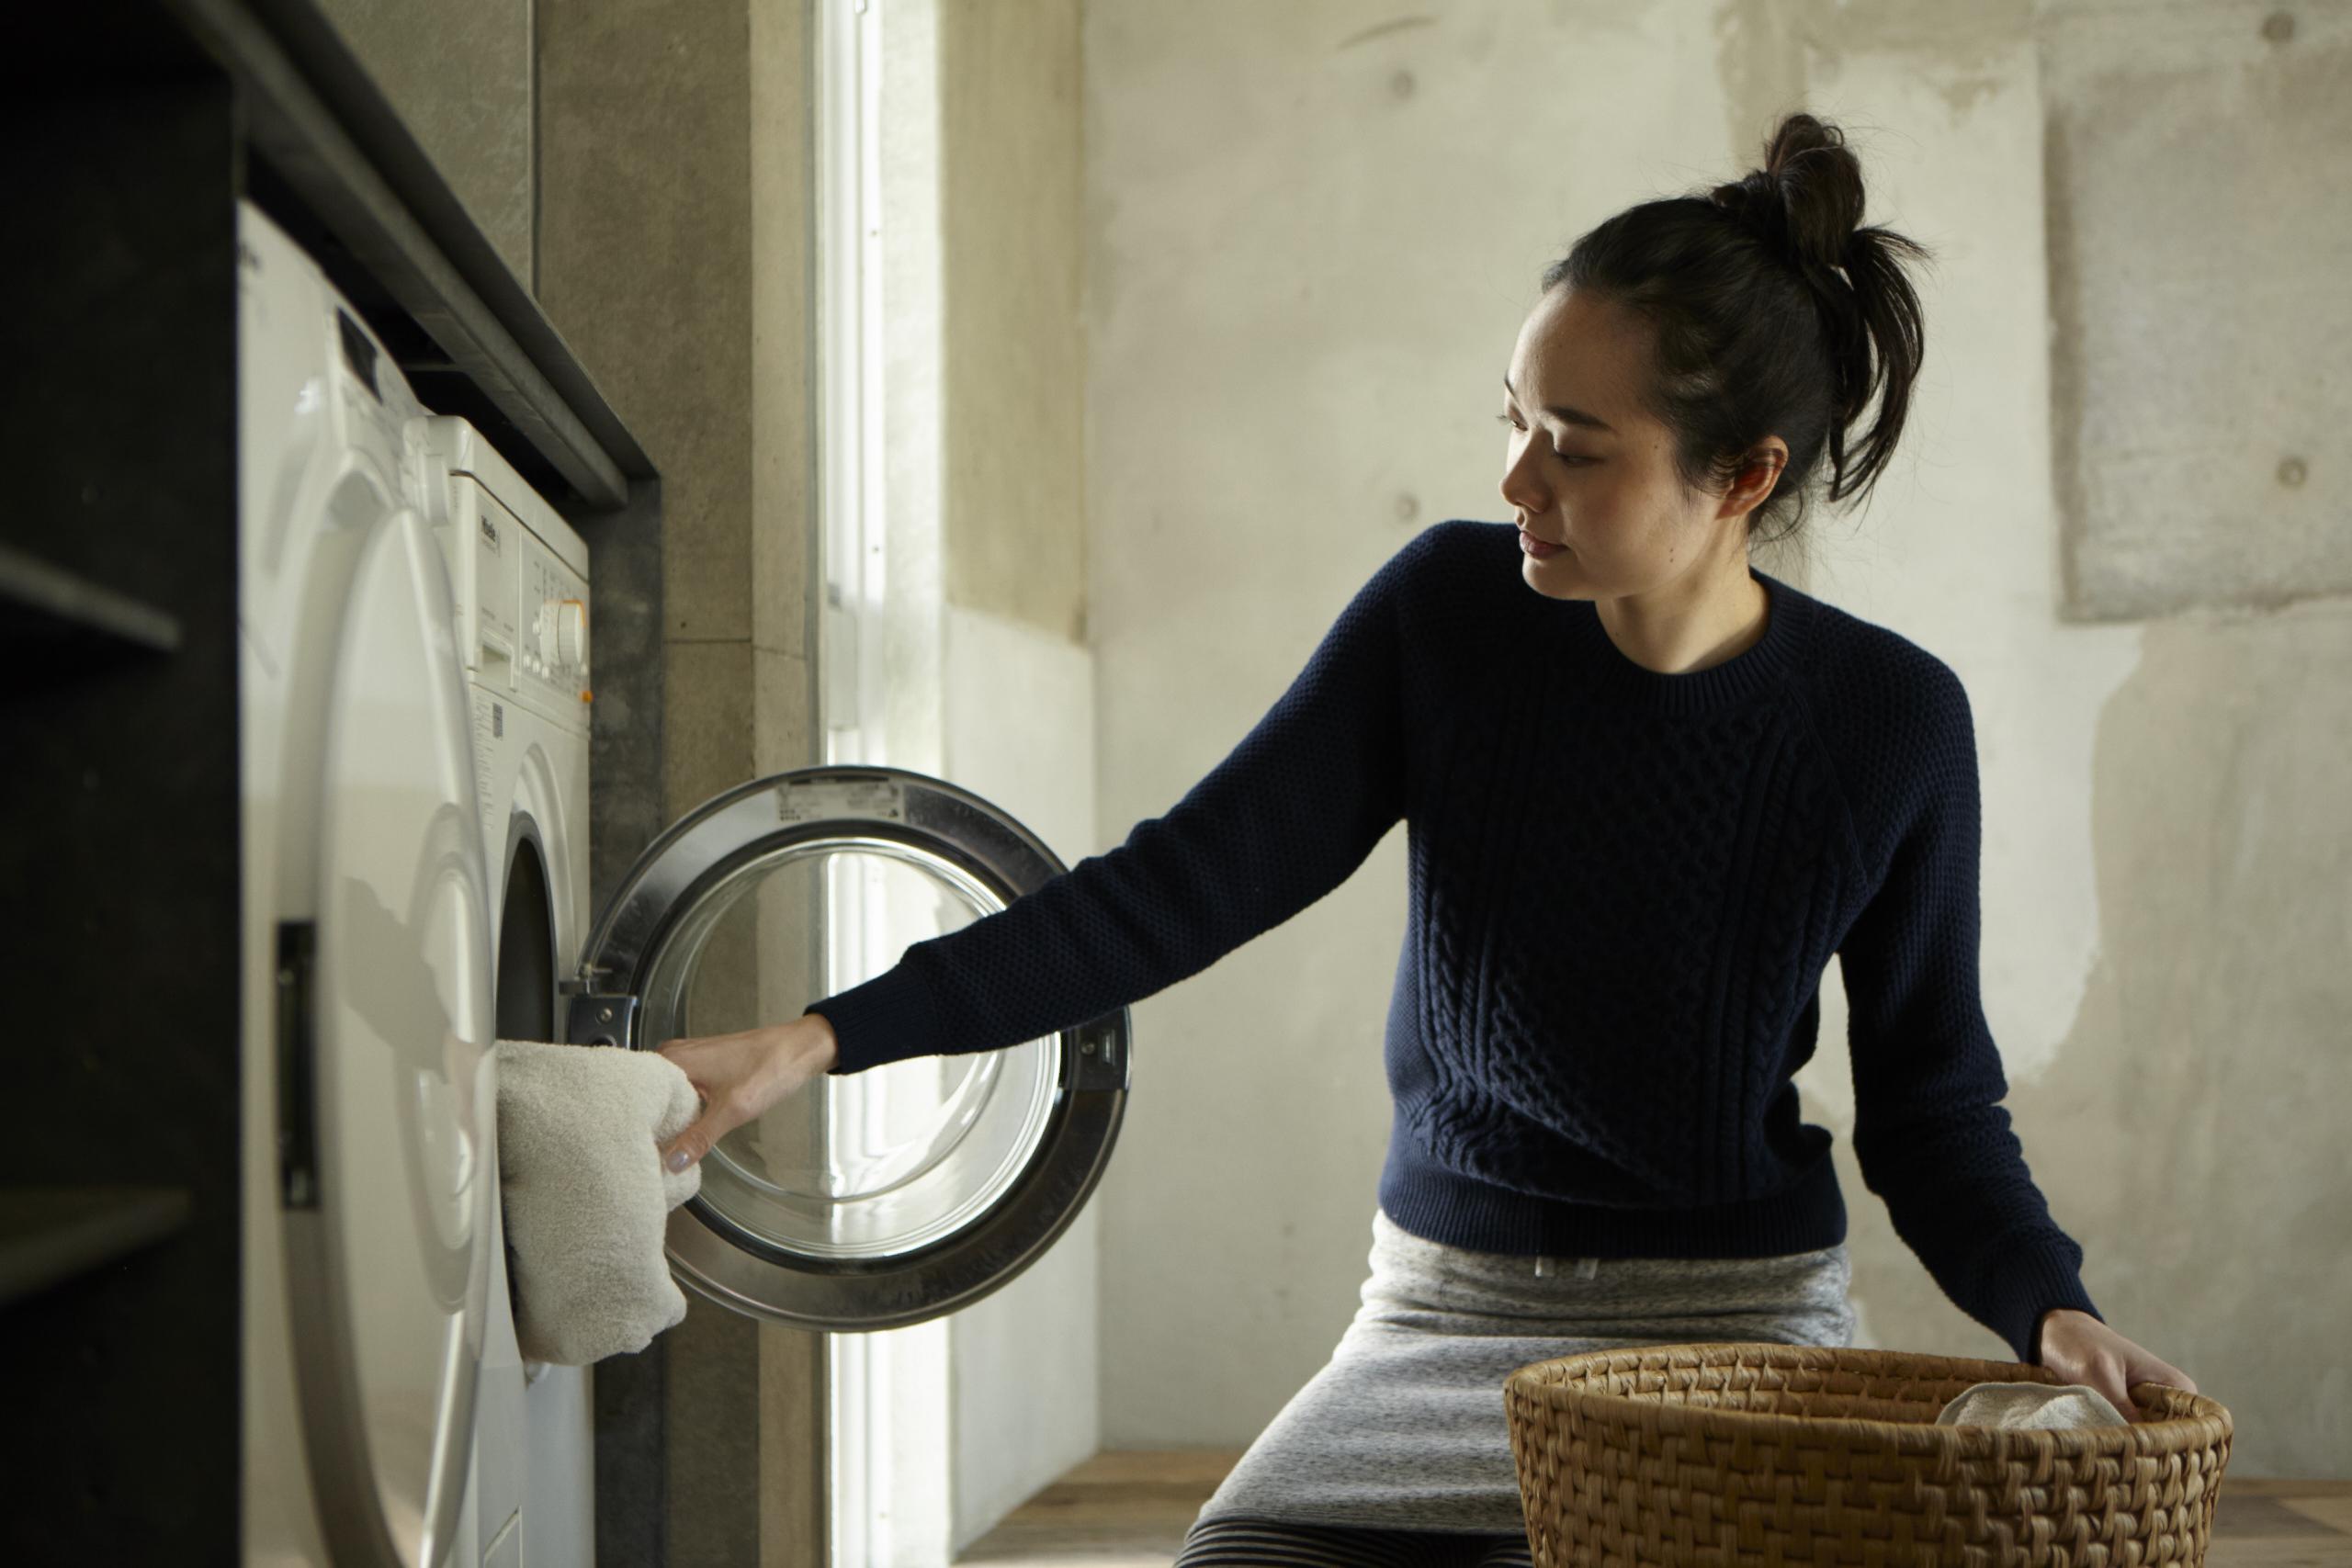 ランドリールームとは?おしゃれに効率よく洗濯しよう!